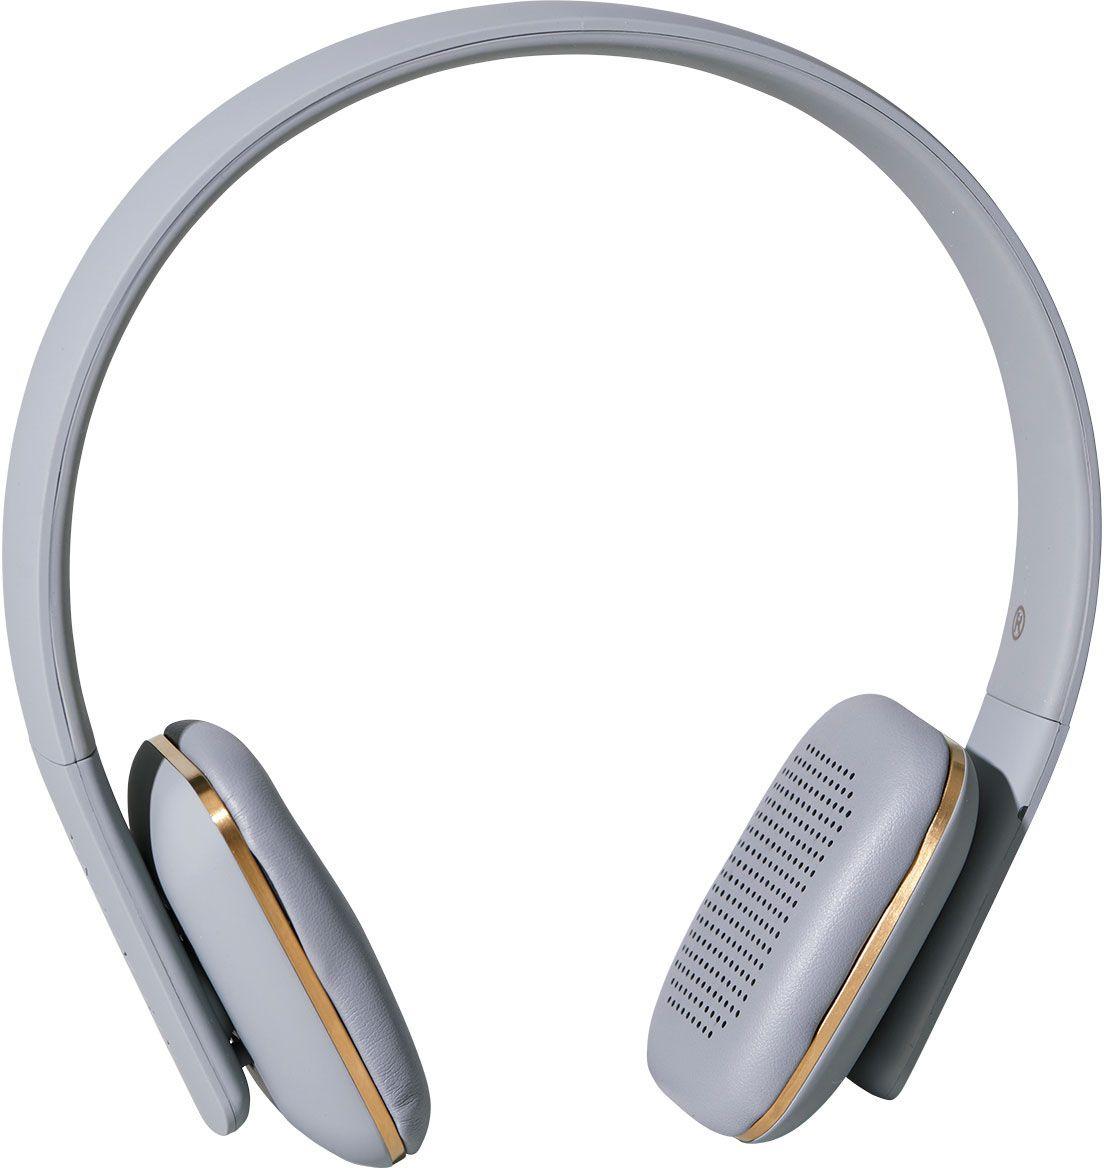 Kreafunk aHEAD, Grey наушникиKfss09aHEAD – беспроводные наушники, созданные для настоящих меломанов и модников. Это не только полезный гаджет, но и стильный аксессуар, который дополнит имидж и подчеркнет индивидуальность. Наушники оснащены Bluetooth-гарнитурой и совместимы с любым смартфоном. Панель управления находится на одном из наушников, что позволяет легко регулировать музыку, уровень громкости или даже принимать телефонные звонки. Подушки наушников выполнены из мягкой эко-кожи, а настраиваемый ободок имеет приятное покрытие soft touch. Великолепное качество звука, простота эксплуатации и лаконичный дизайн – этим гаджетом захочется пользоваться изо дня в день. В комплекте фирменный мешочек из PU кожи. Поставляются в стильной деревянной упаковке, поэтому могут стать отличным подарком меломанам и всем поклонникам скандинавского дизайна. Также коробку украшают слова Фридриха Ницше: «Без музыки жизнь была бы ошибкой». Технические характеристики: Аккумулятор (Li-ion) 195 мАч До 14 часов беспрерывной...